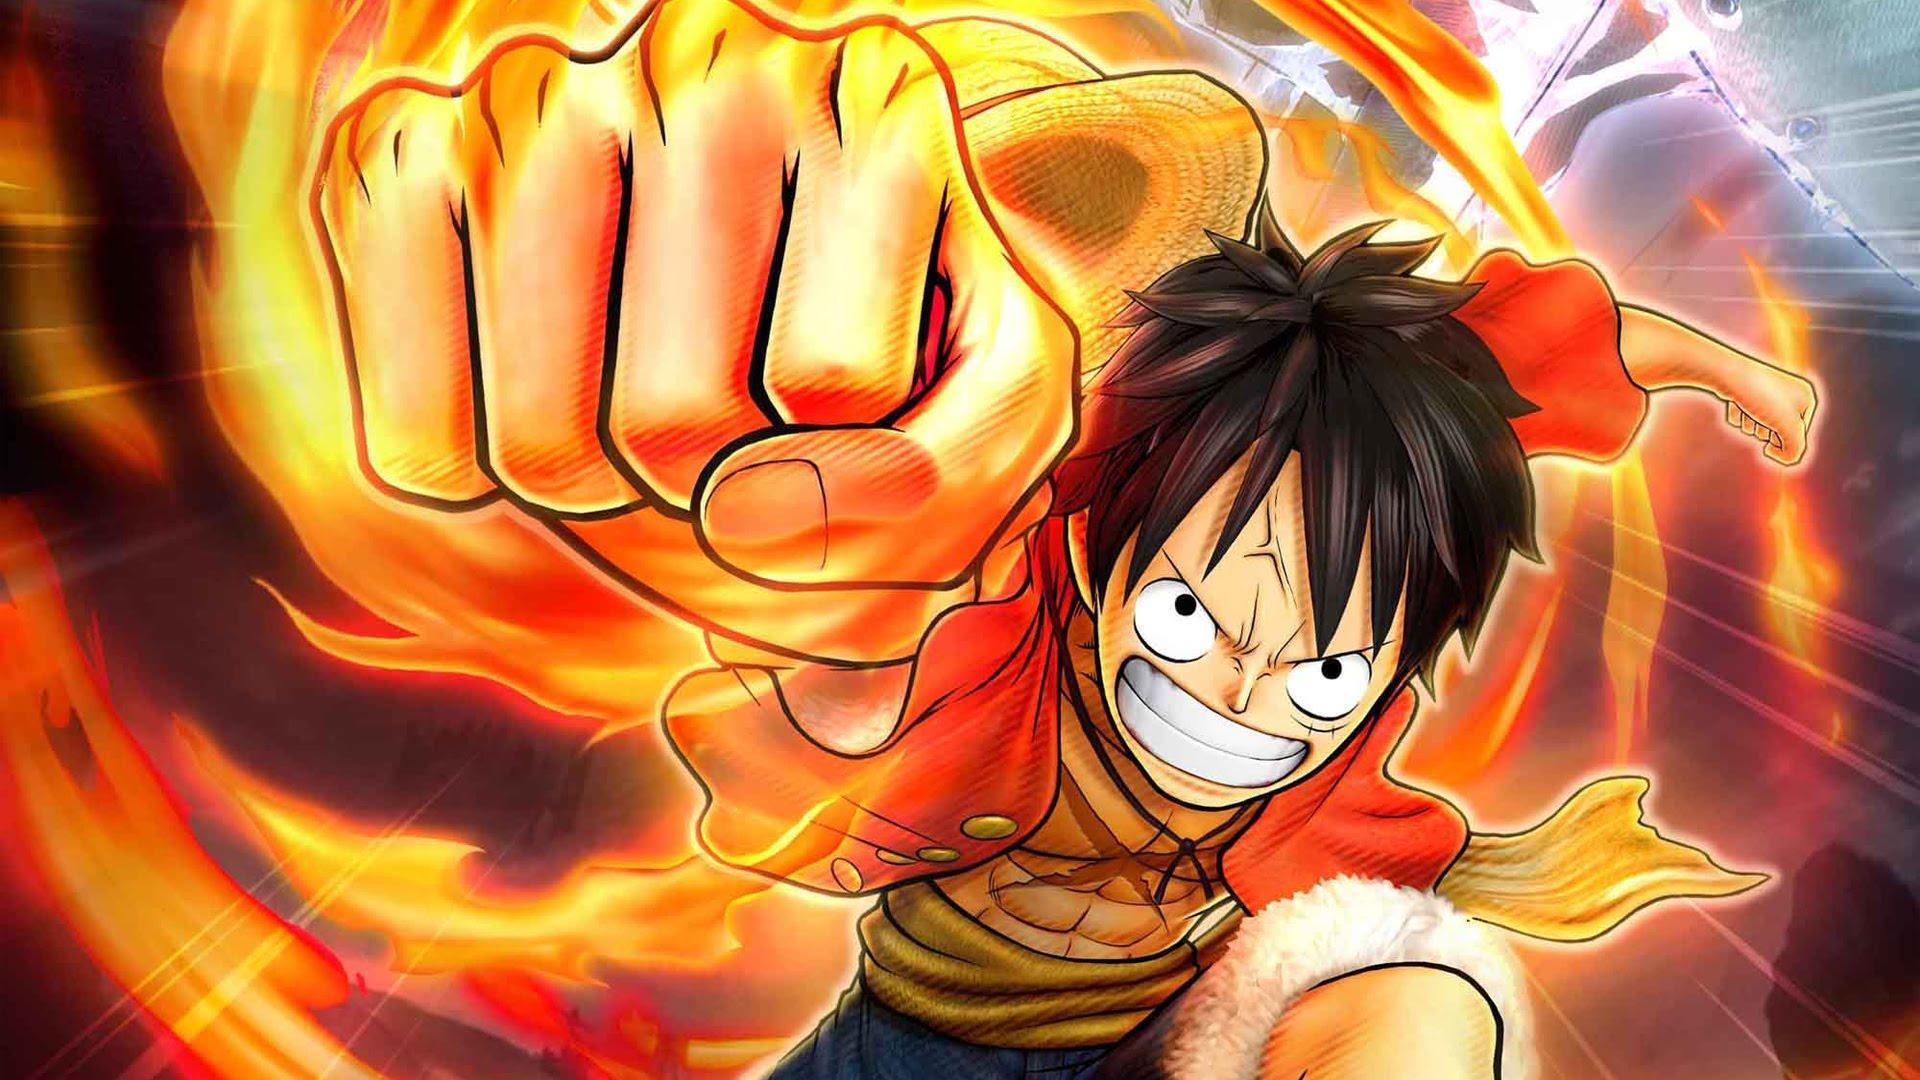 Unduh 90 Download Wallpaper Animasi One Piece HD Paling Keren